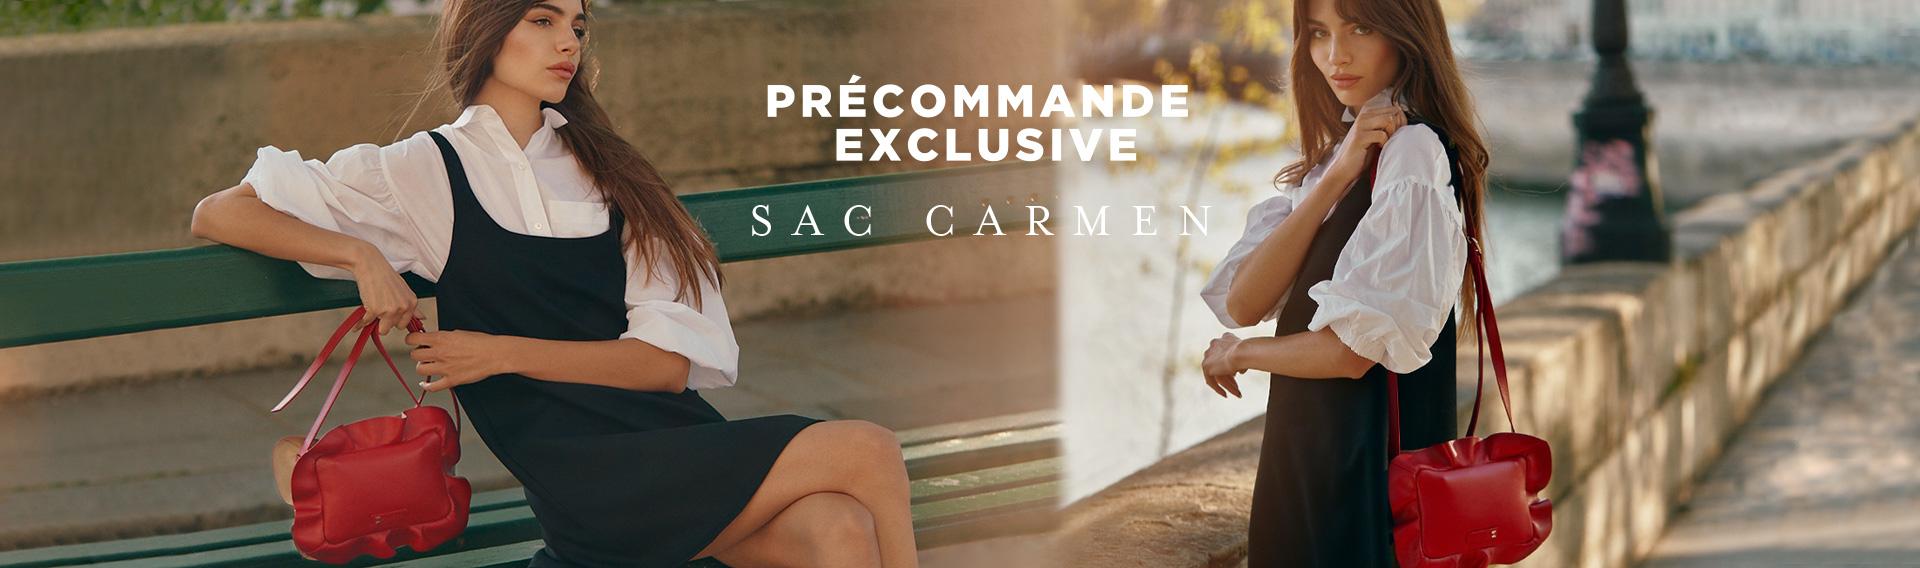 Précommande exclusive Sac Carmen